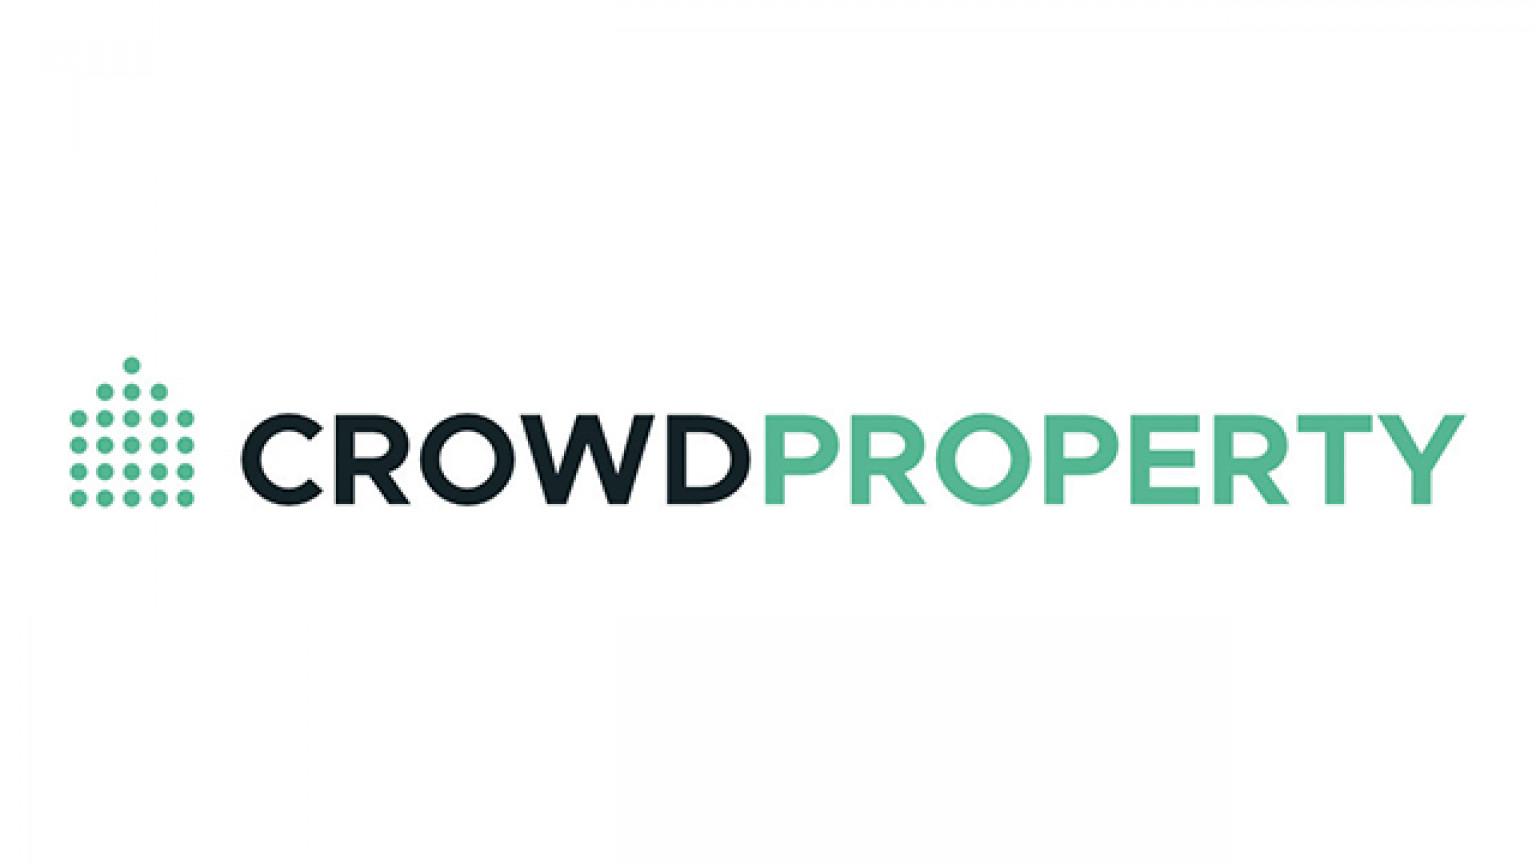 Logo of real estate crowdfunding platform CrowdProperty